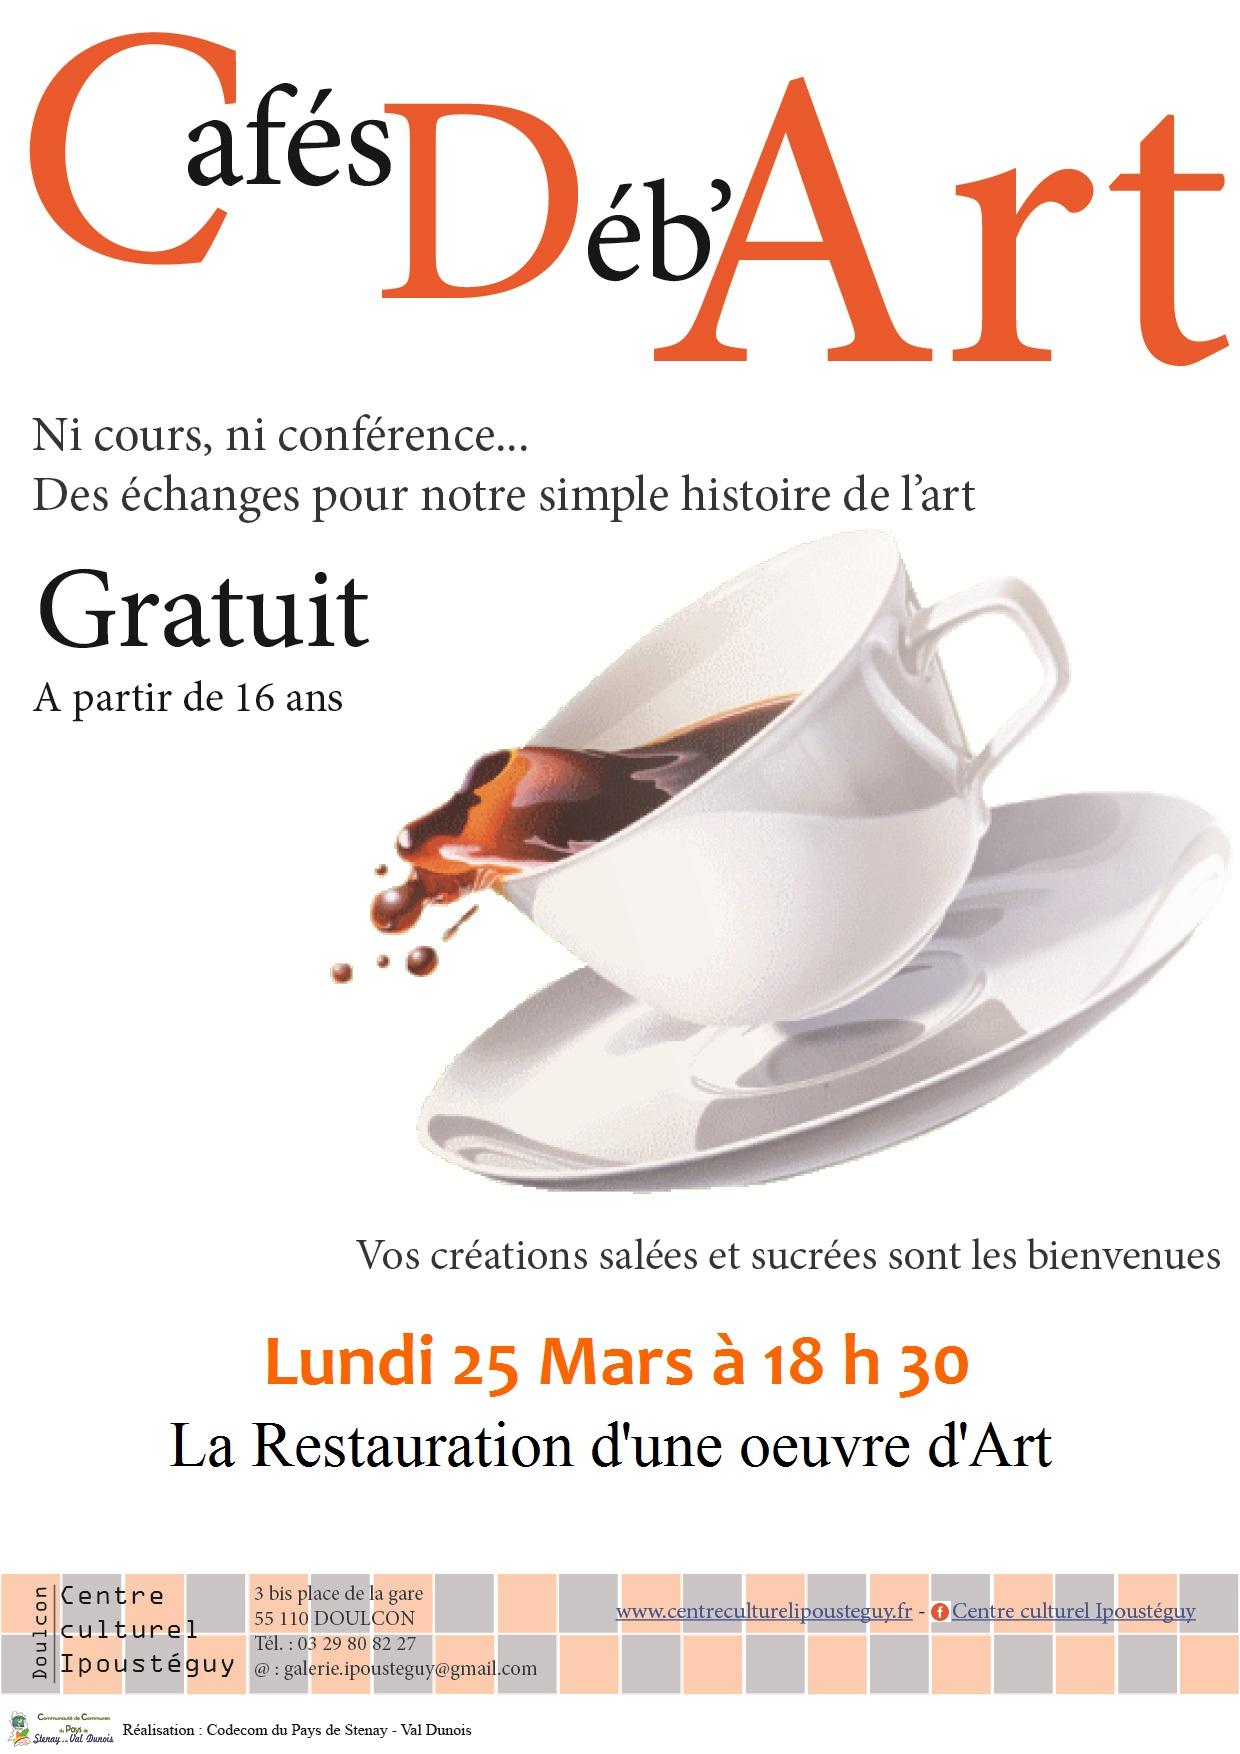 CAFE-DEB'ART-LA-RESTAURATION-D'UNE-OEUVRE-D'ART